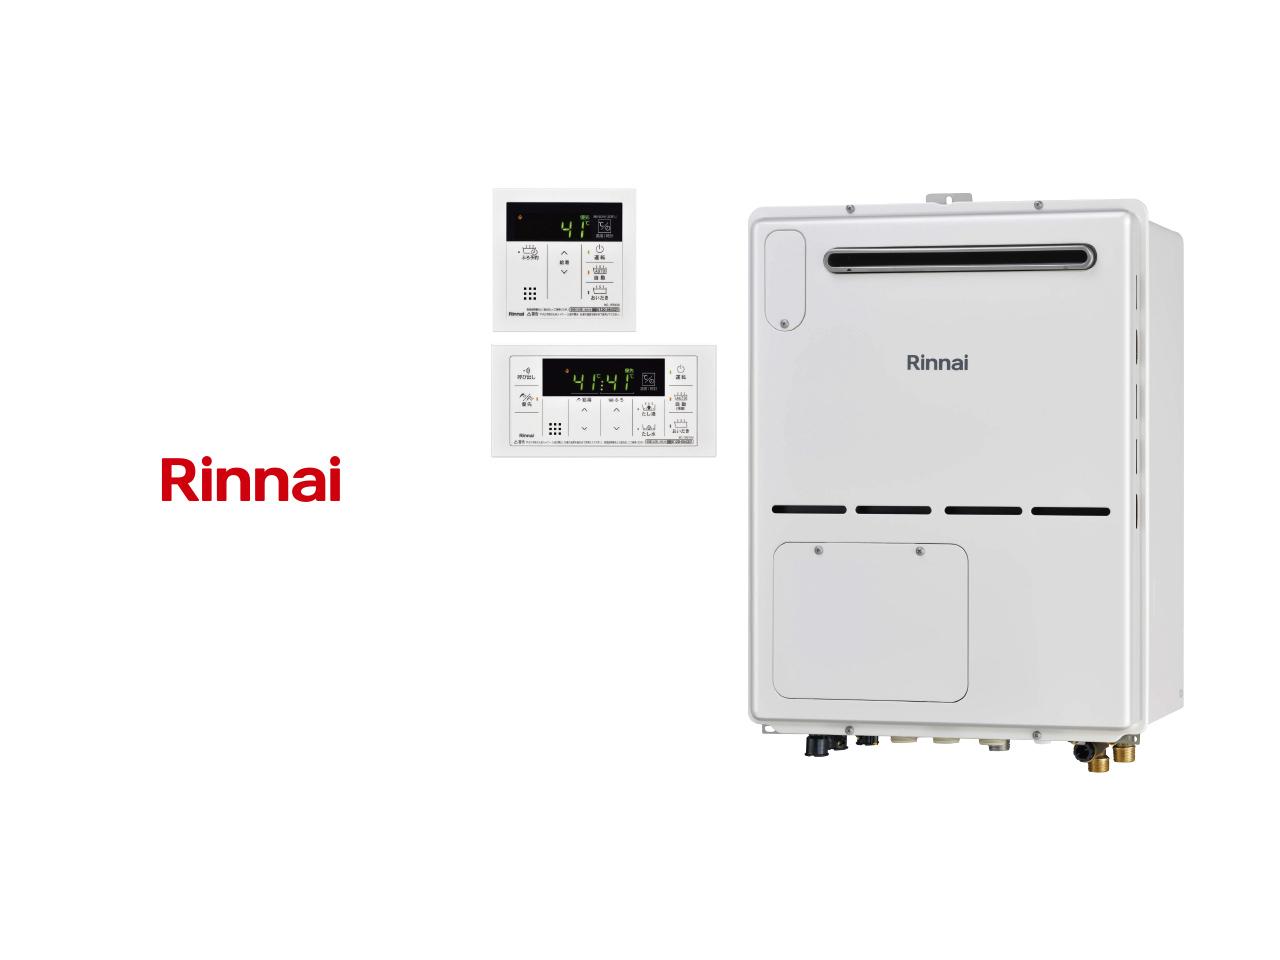 画像:Rinnai ガス給湯暖房用熱源機